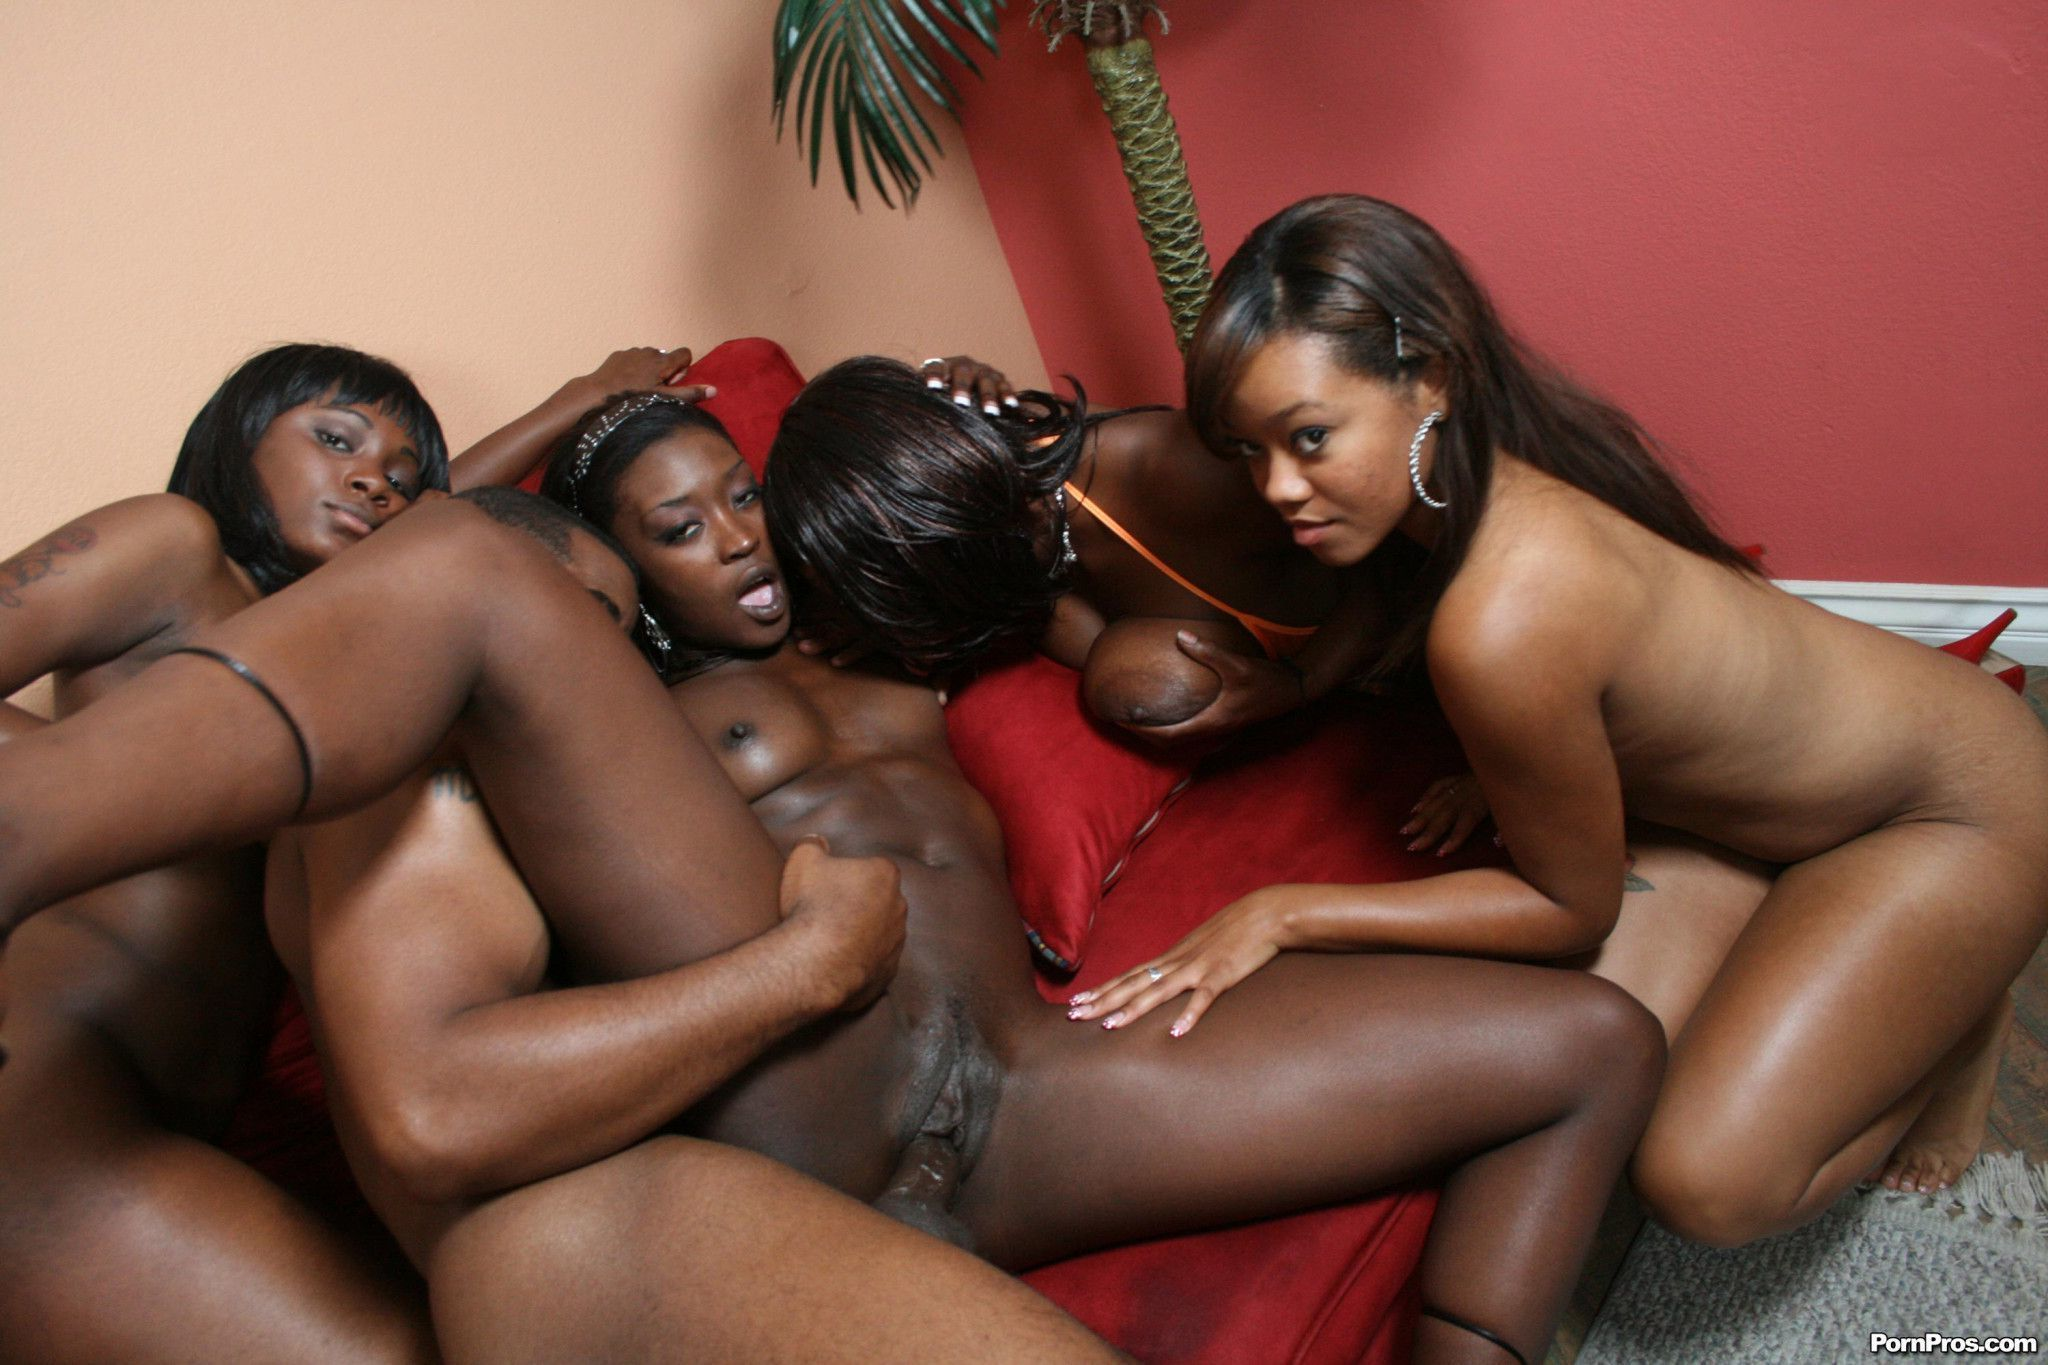 Nude Black Sex